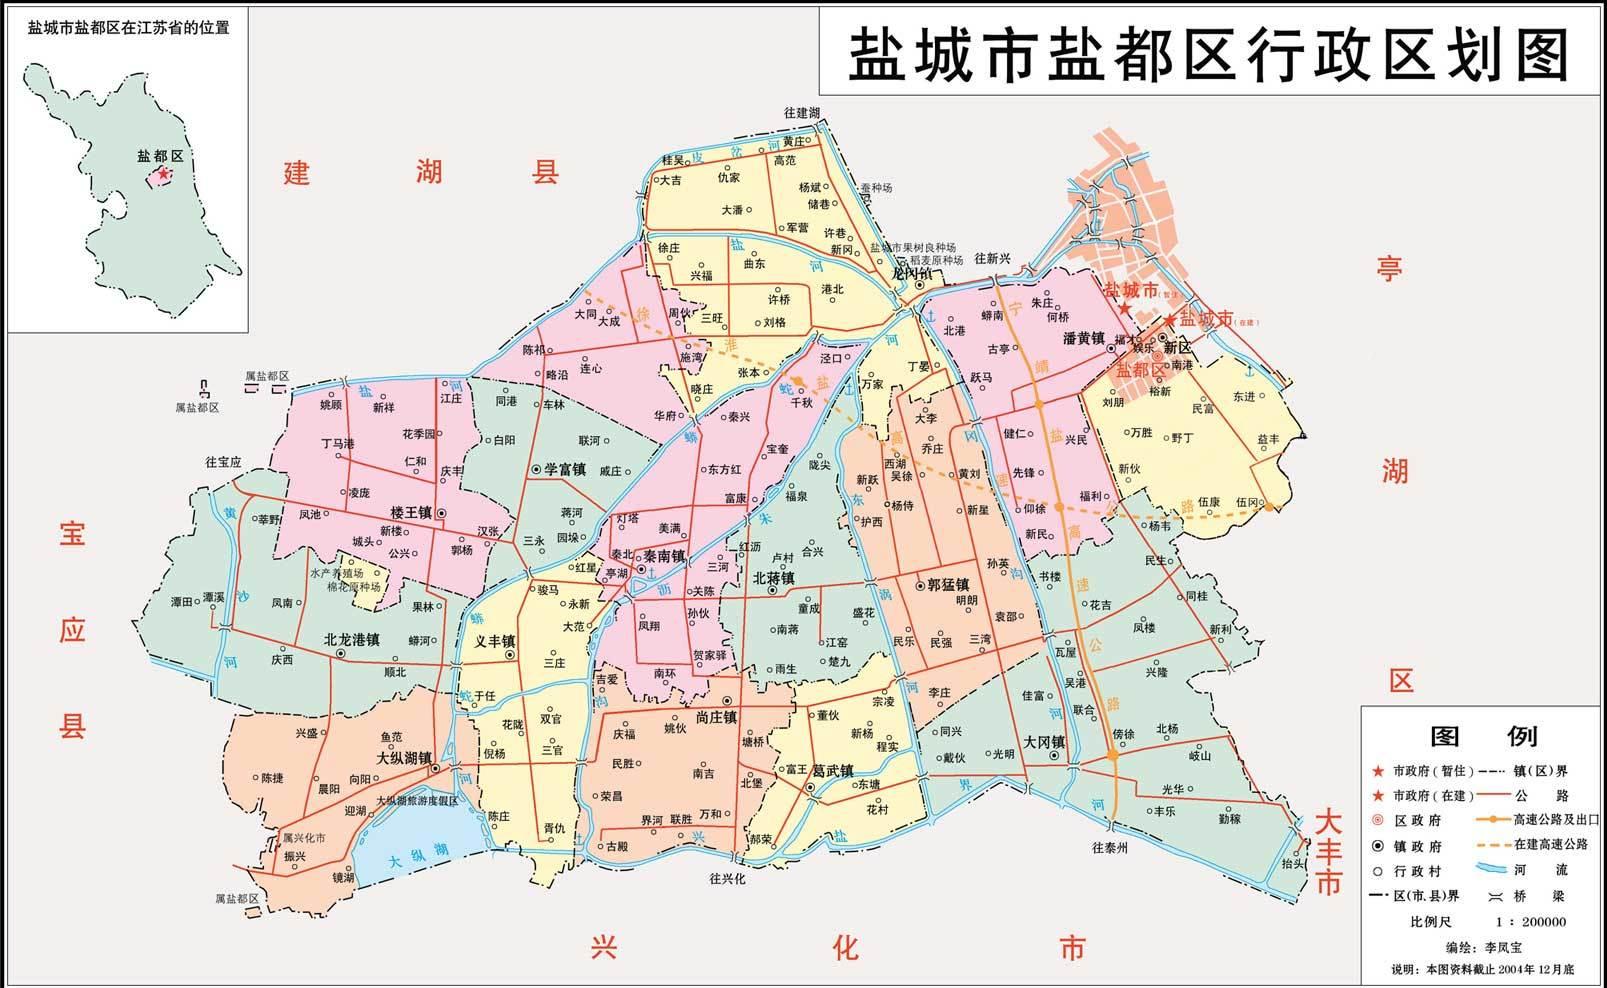 江苏盐城北三县地理位置图【相关词_ 江苏省盐城中学北校区】